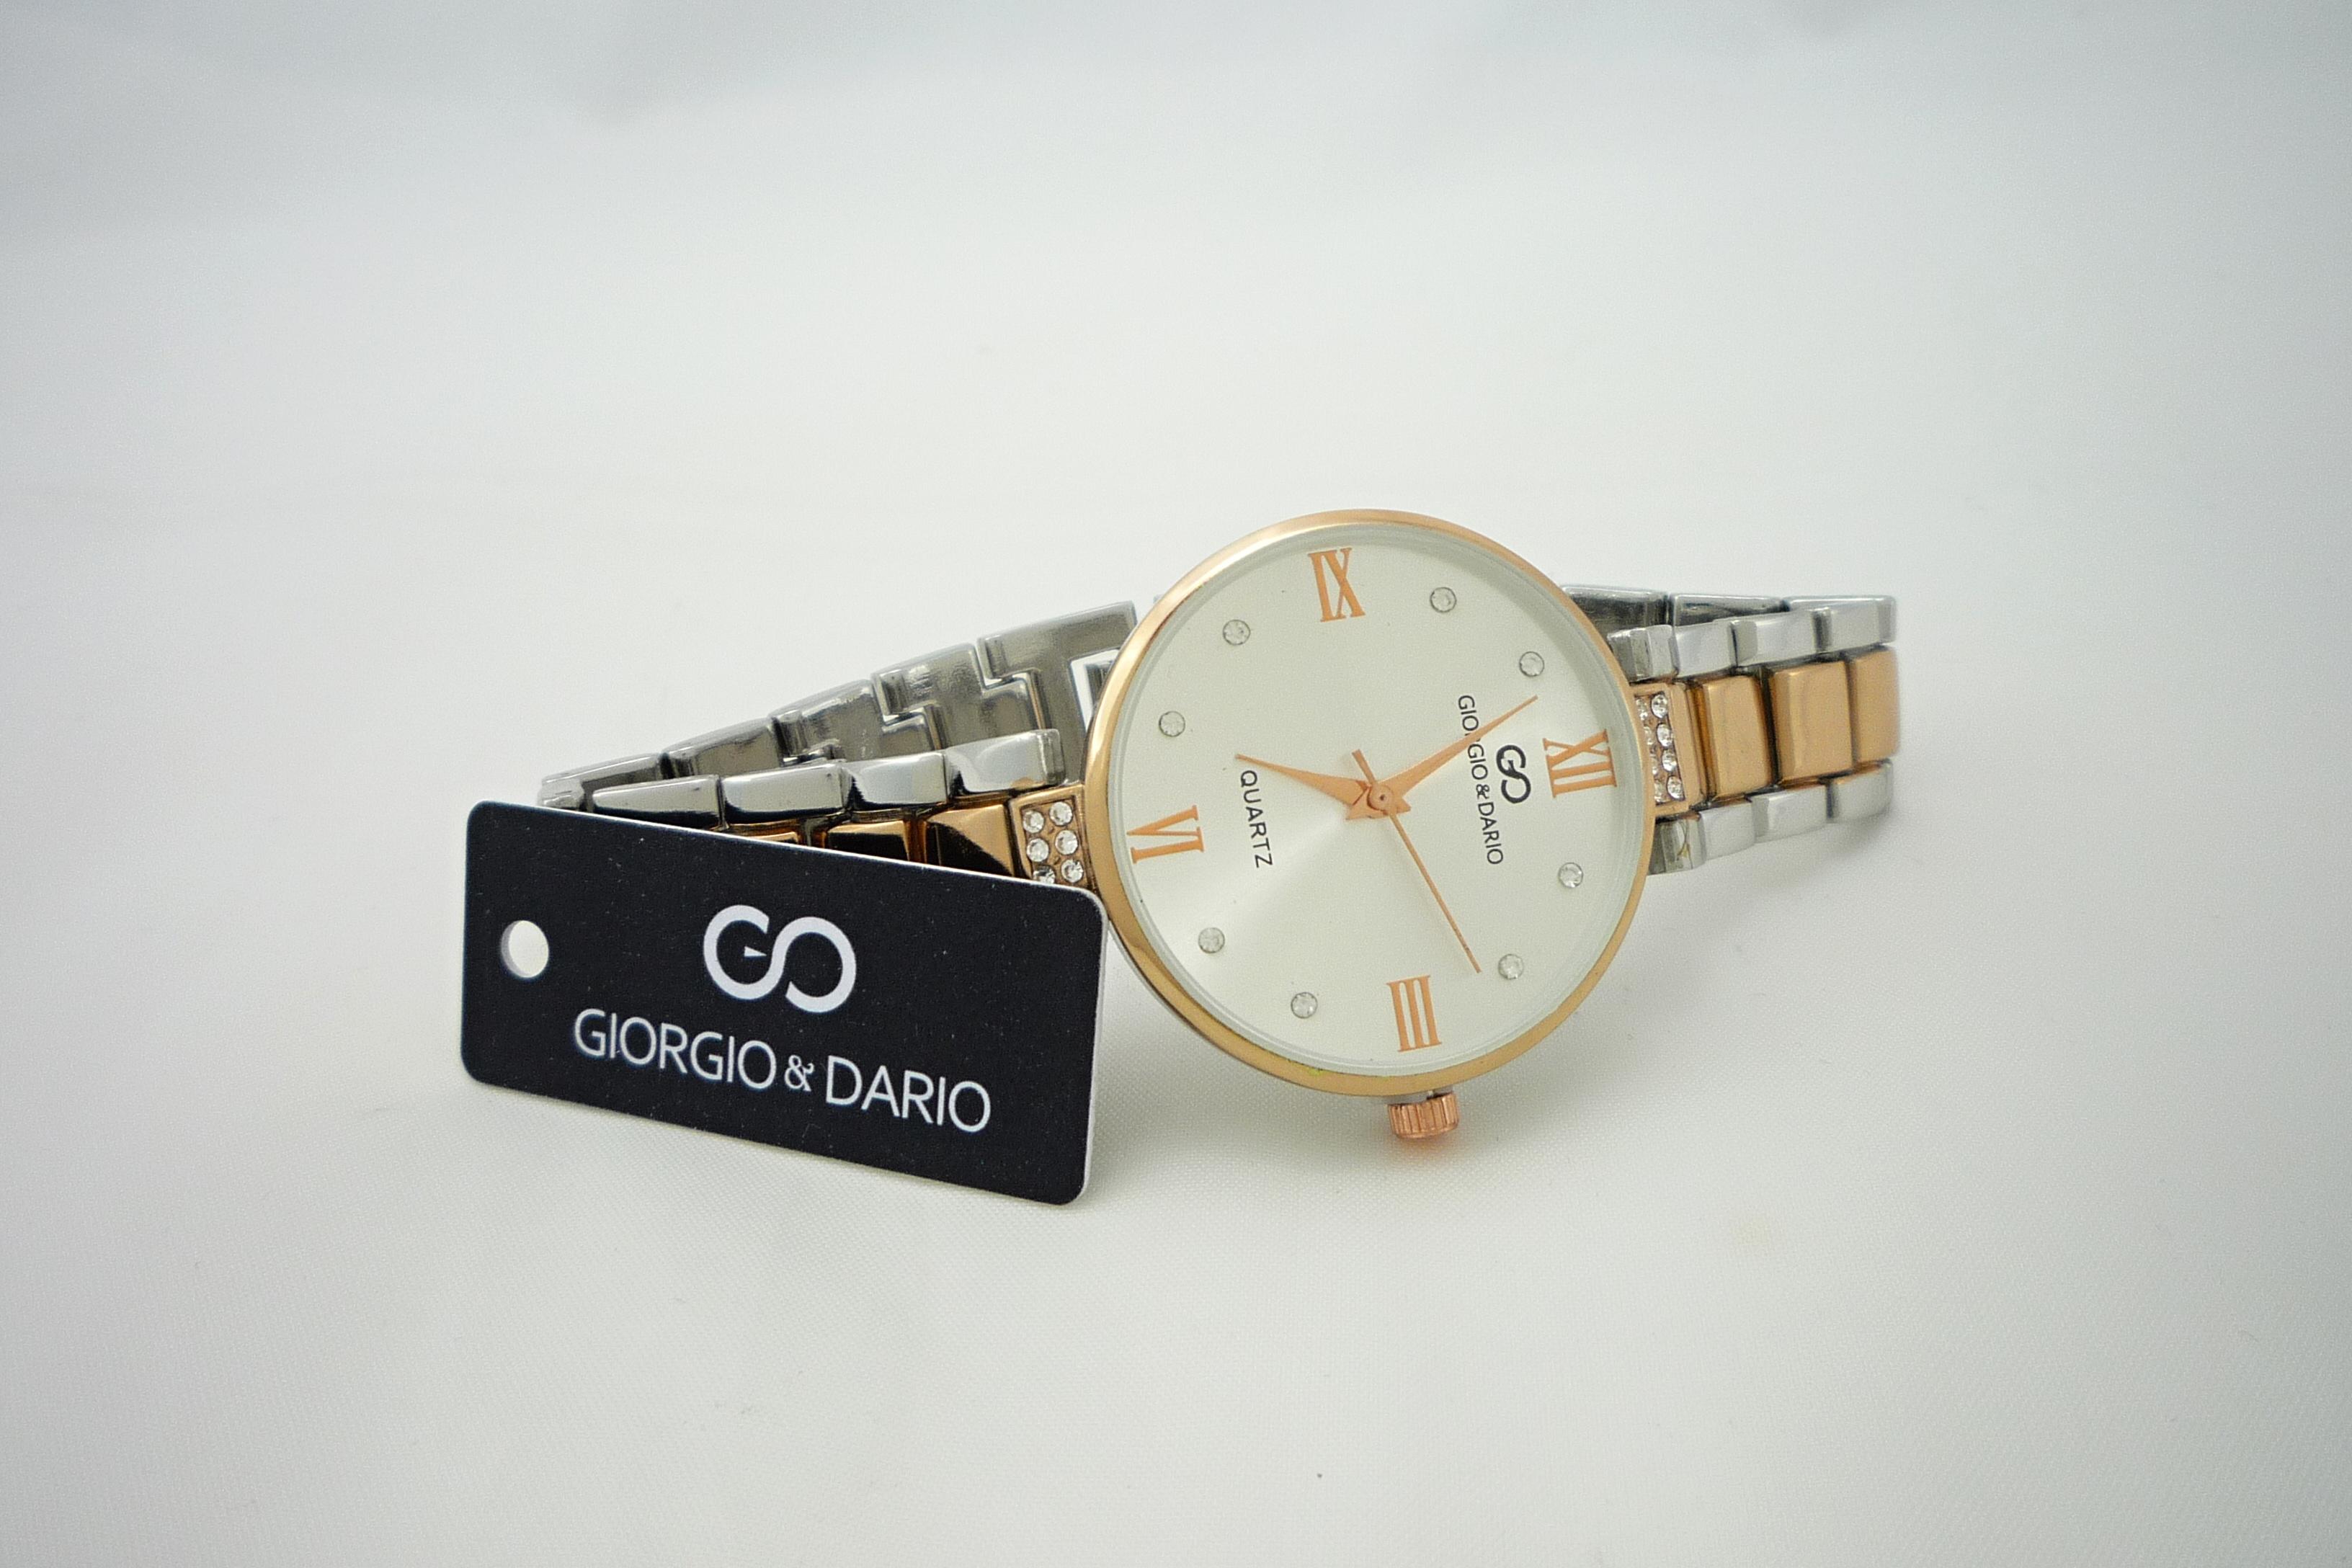 59b6e6805 Dámské hodinky Giorgio Dario Nolly stříbrno-bronzové 687ZD | thodinky.cz